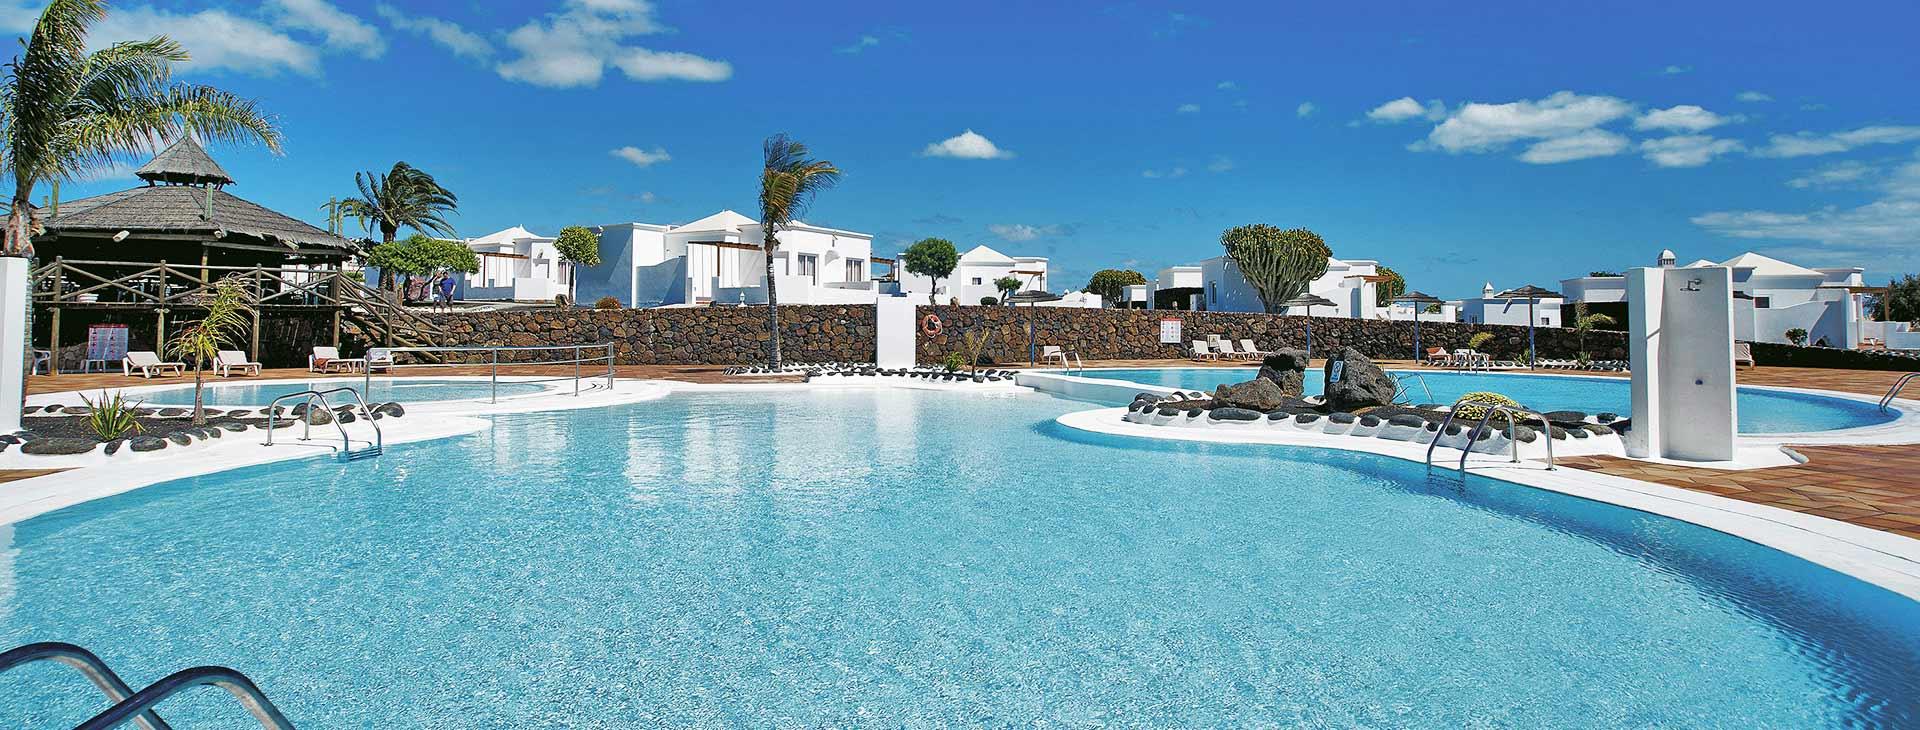 Alyssa Suite Hiszpania, Lanzarote, Playa Blanca